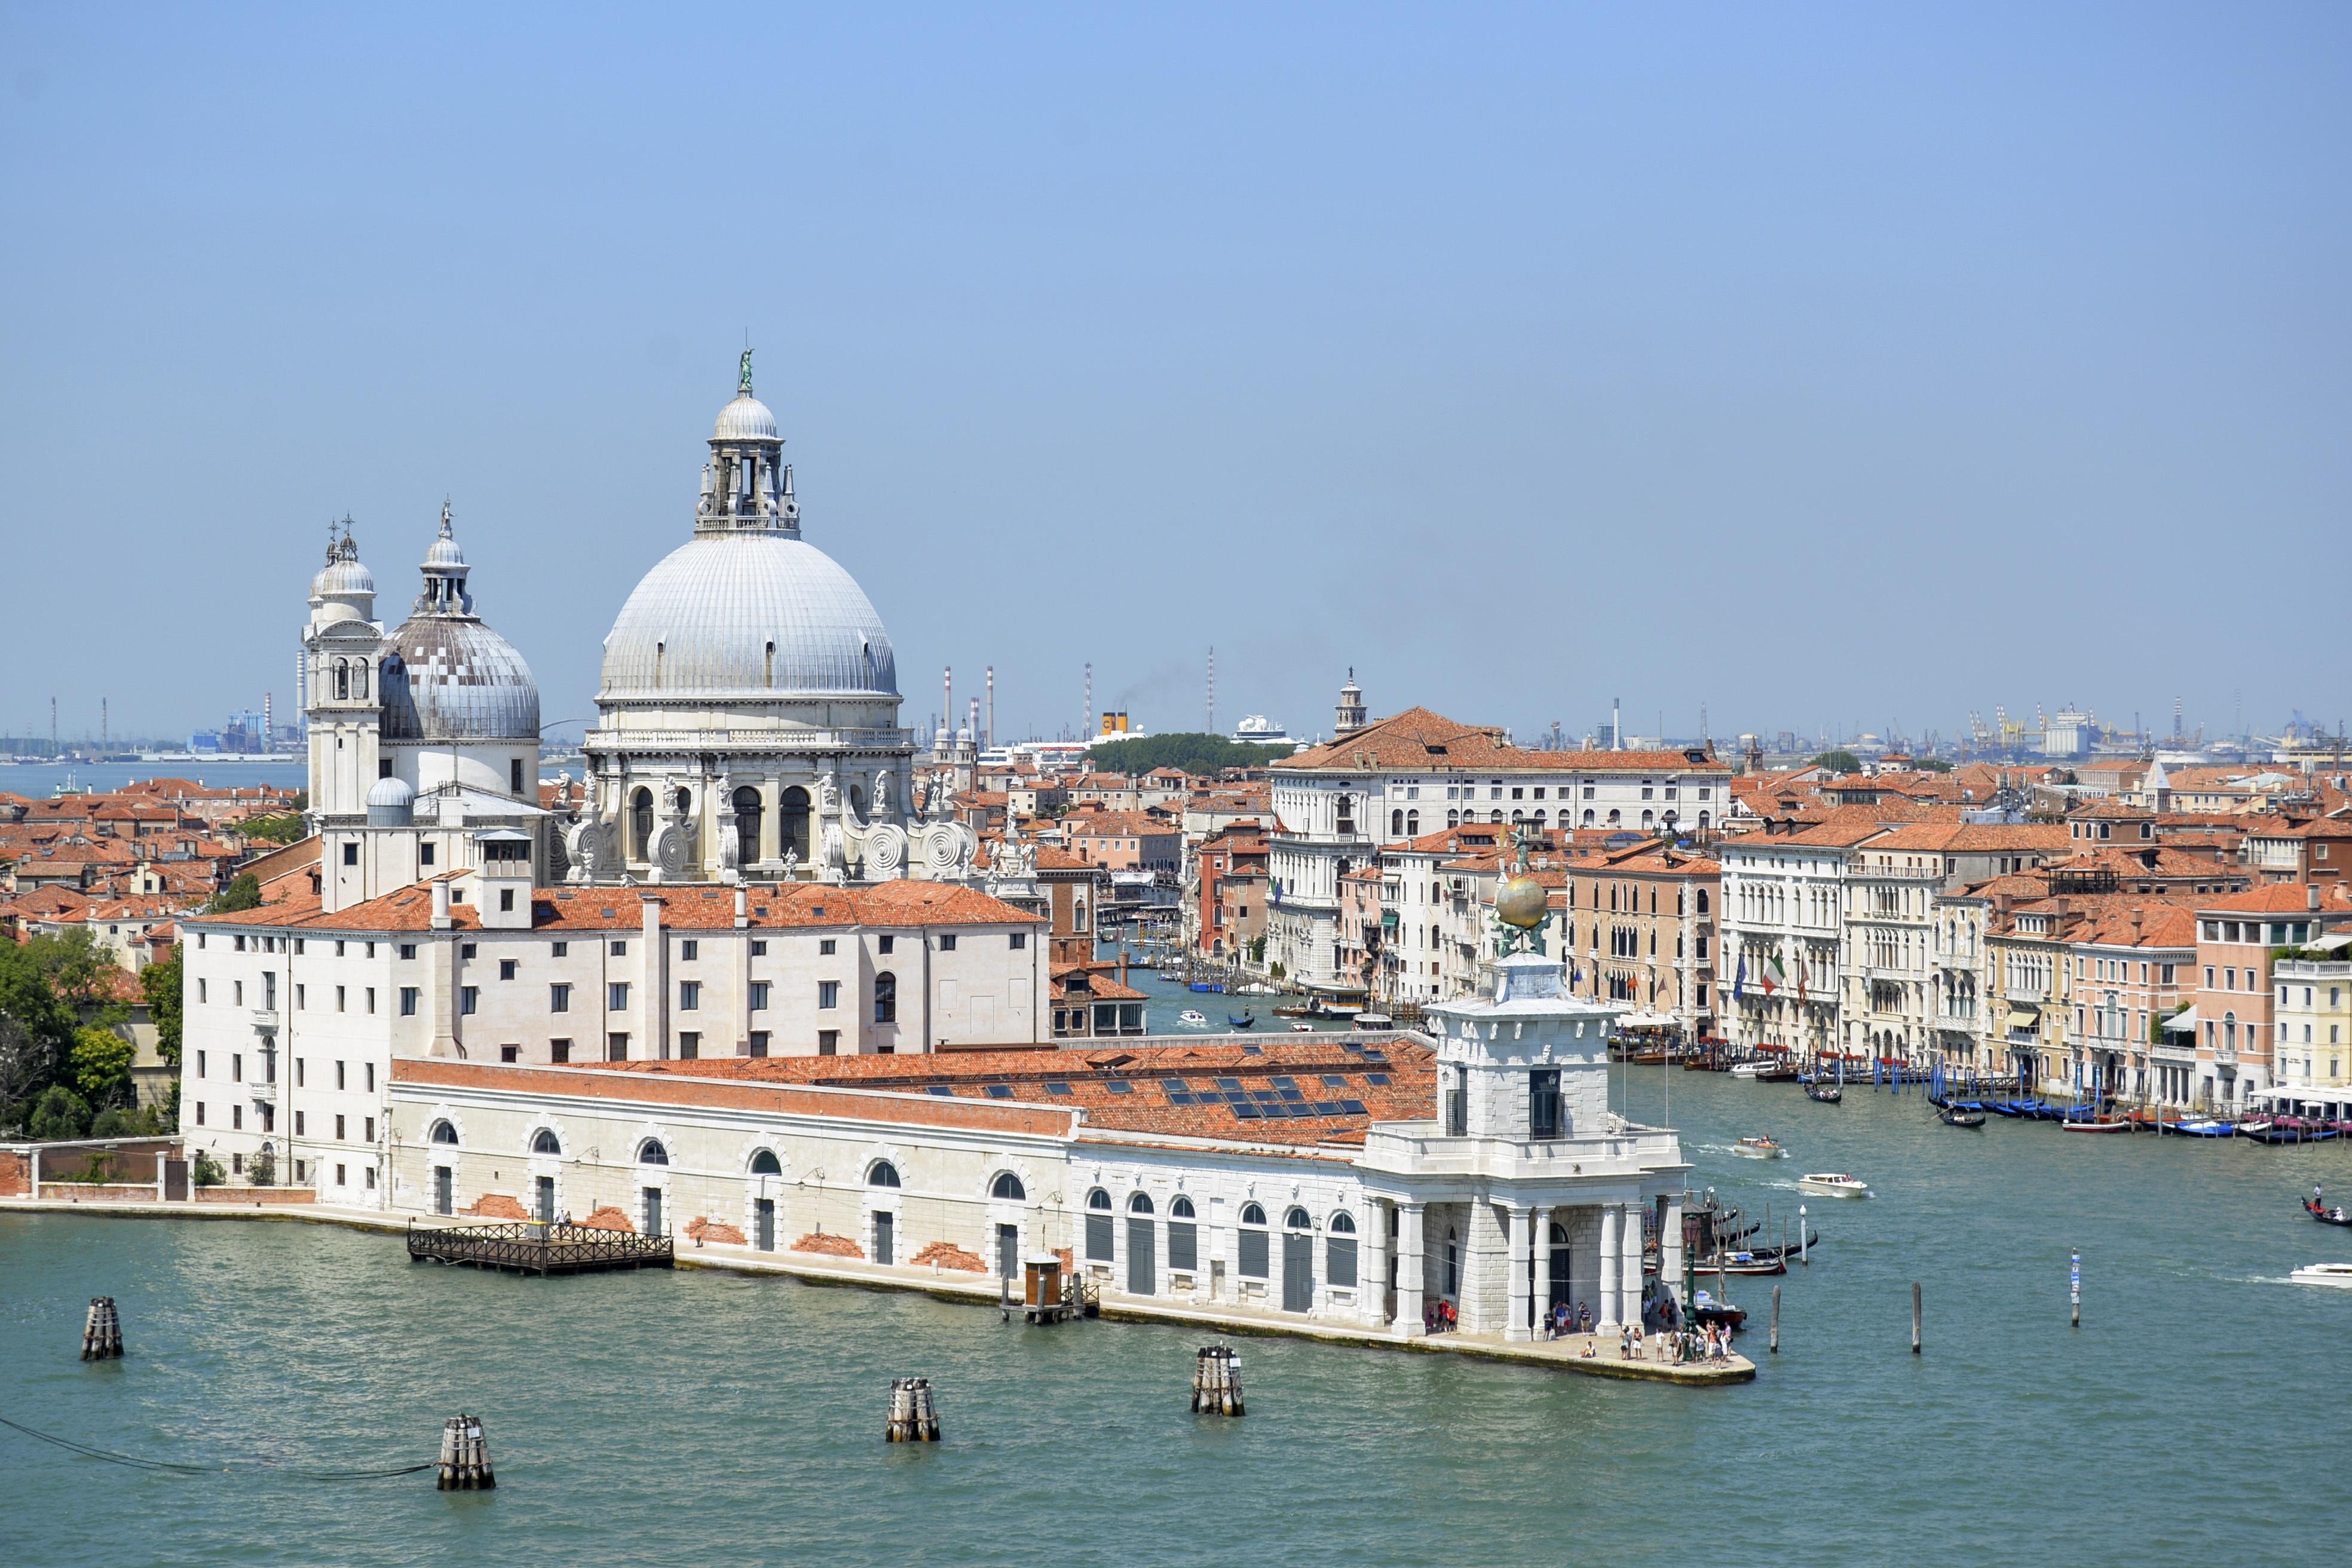 главные достопримечательности венеции фото раньше этой